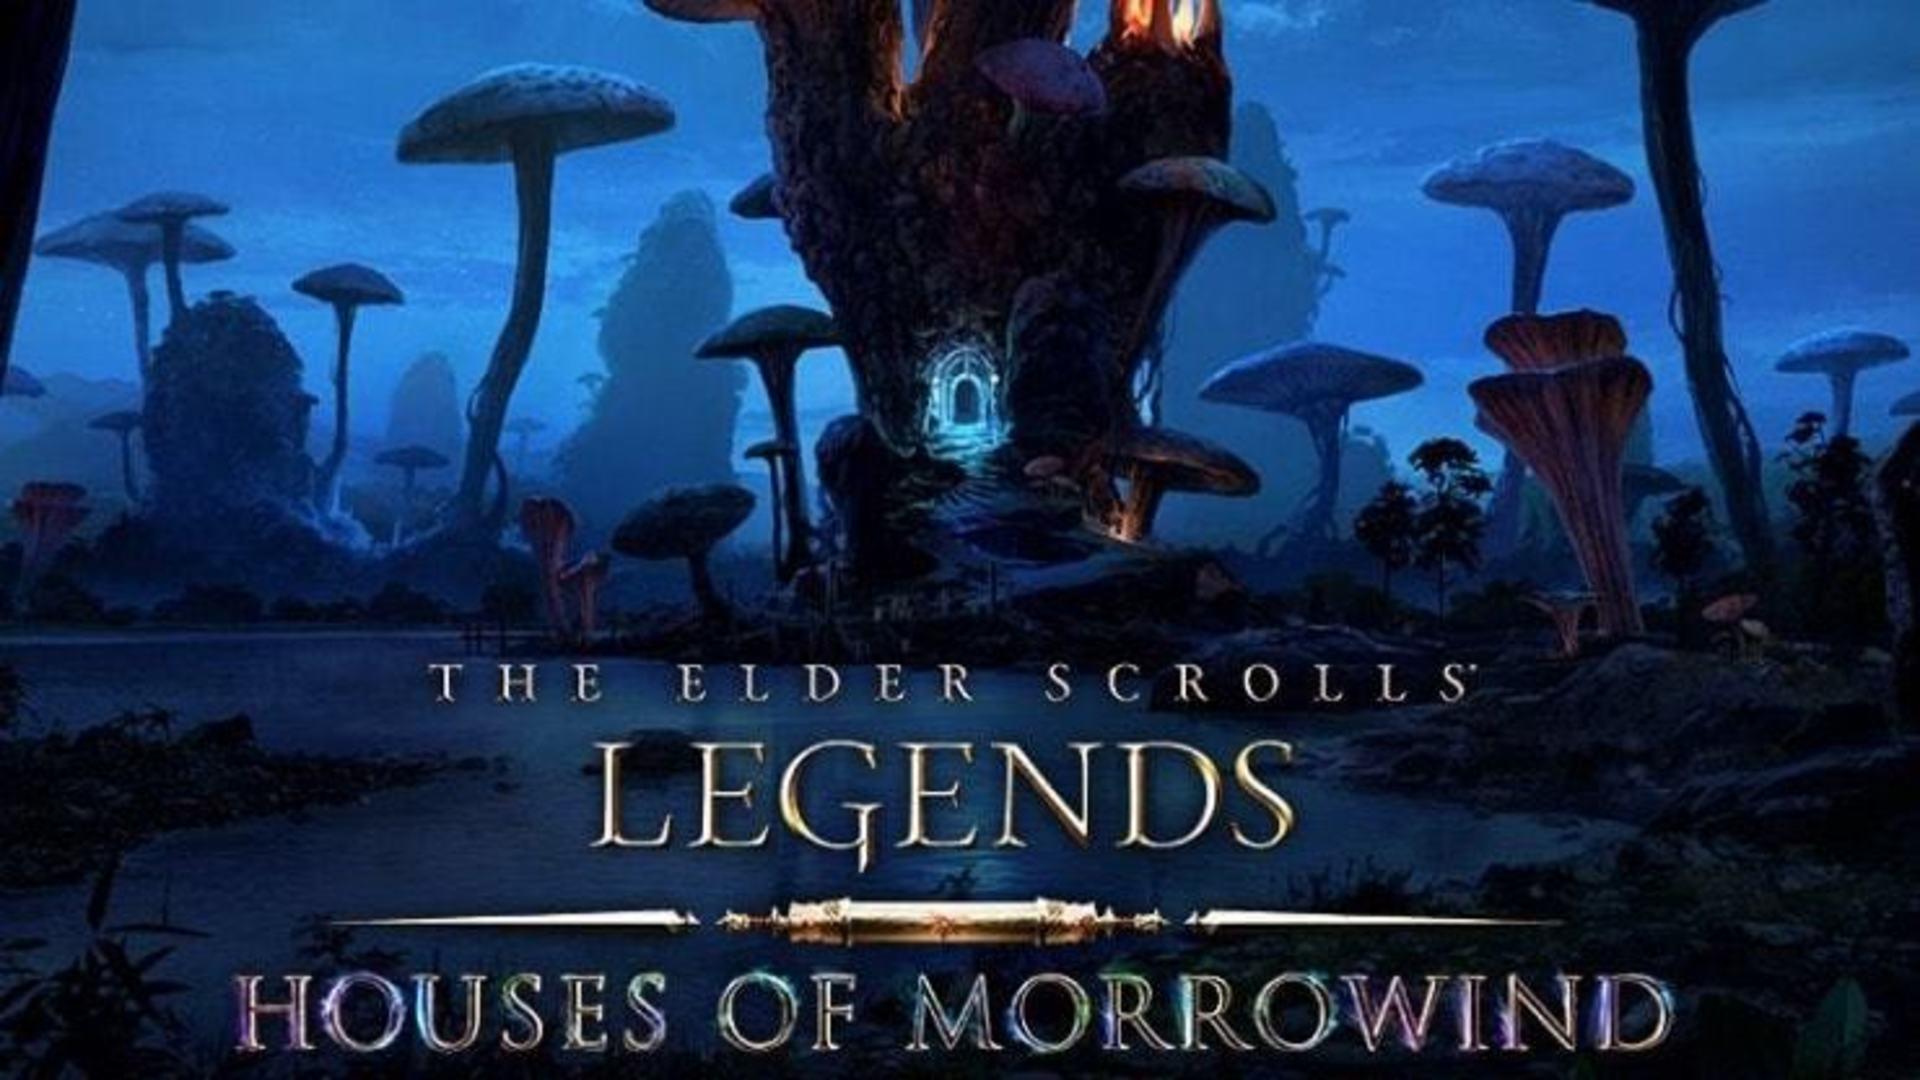 The Elder Scrolls: Legends - Casate di Morrowind